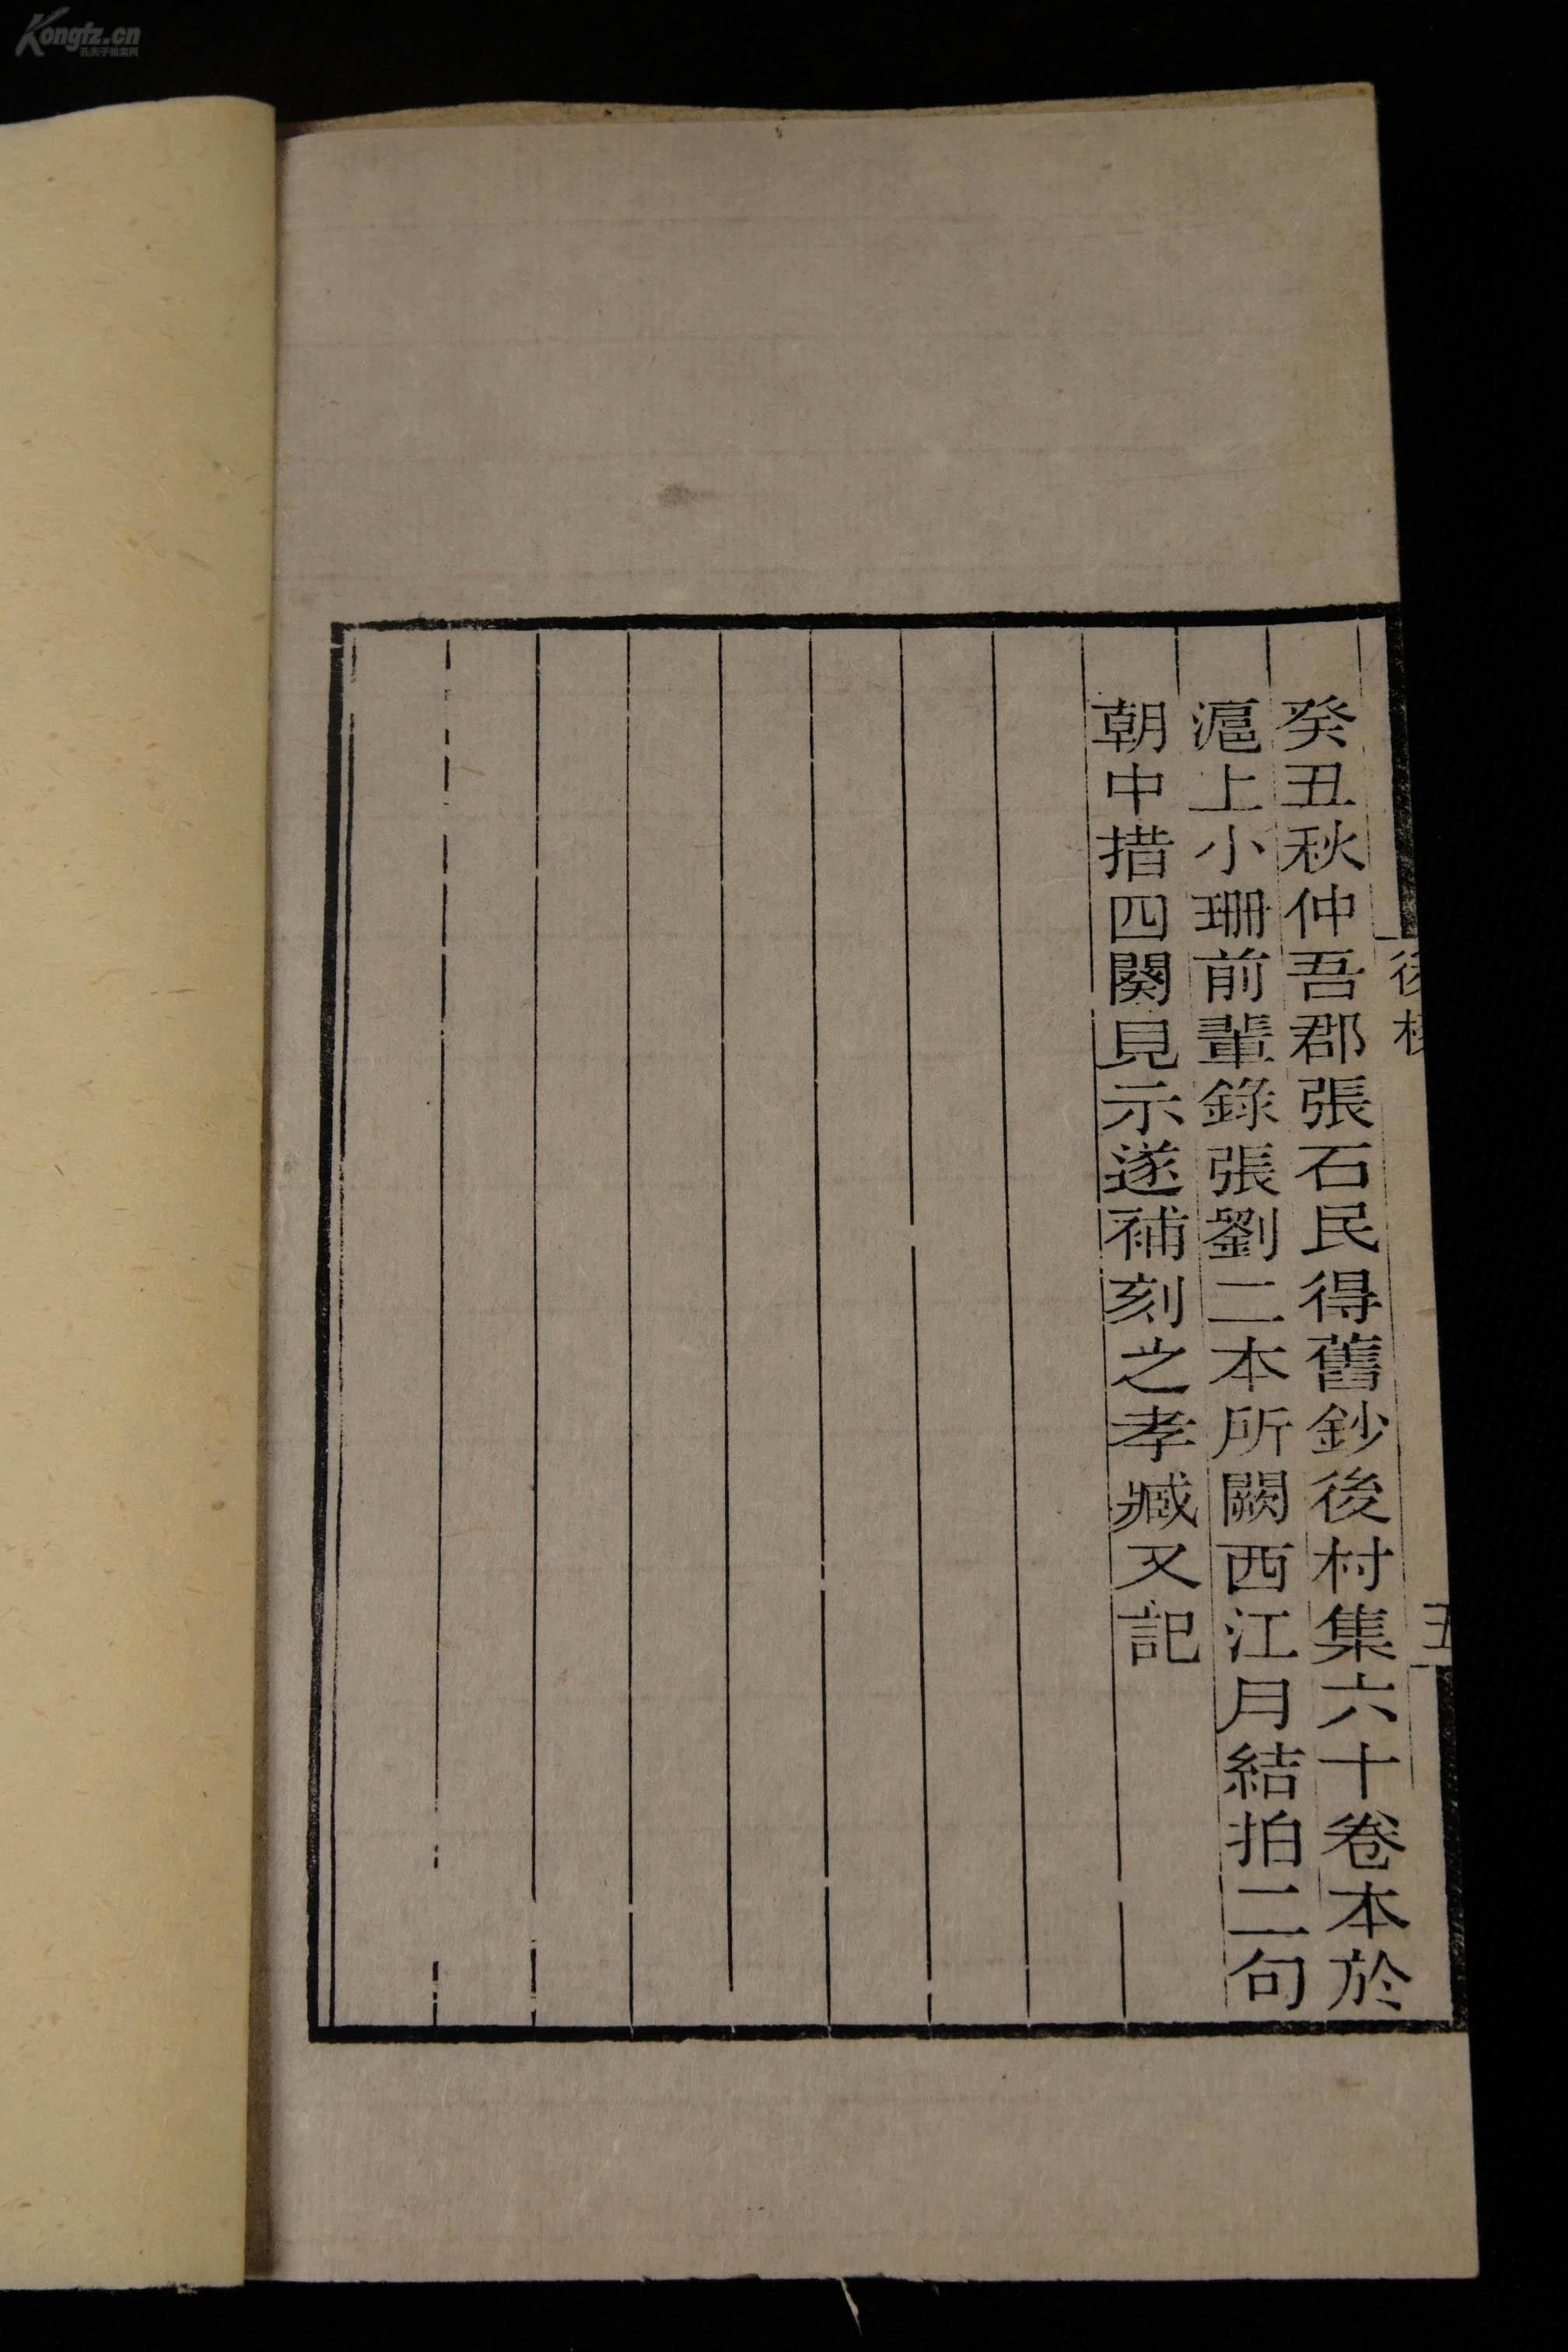 【宋代着名词人刘克庄.南宋豪放派诗人,词人,诗论家.图片